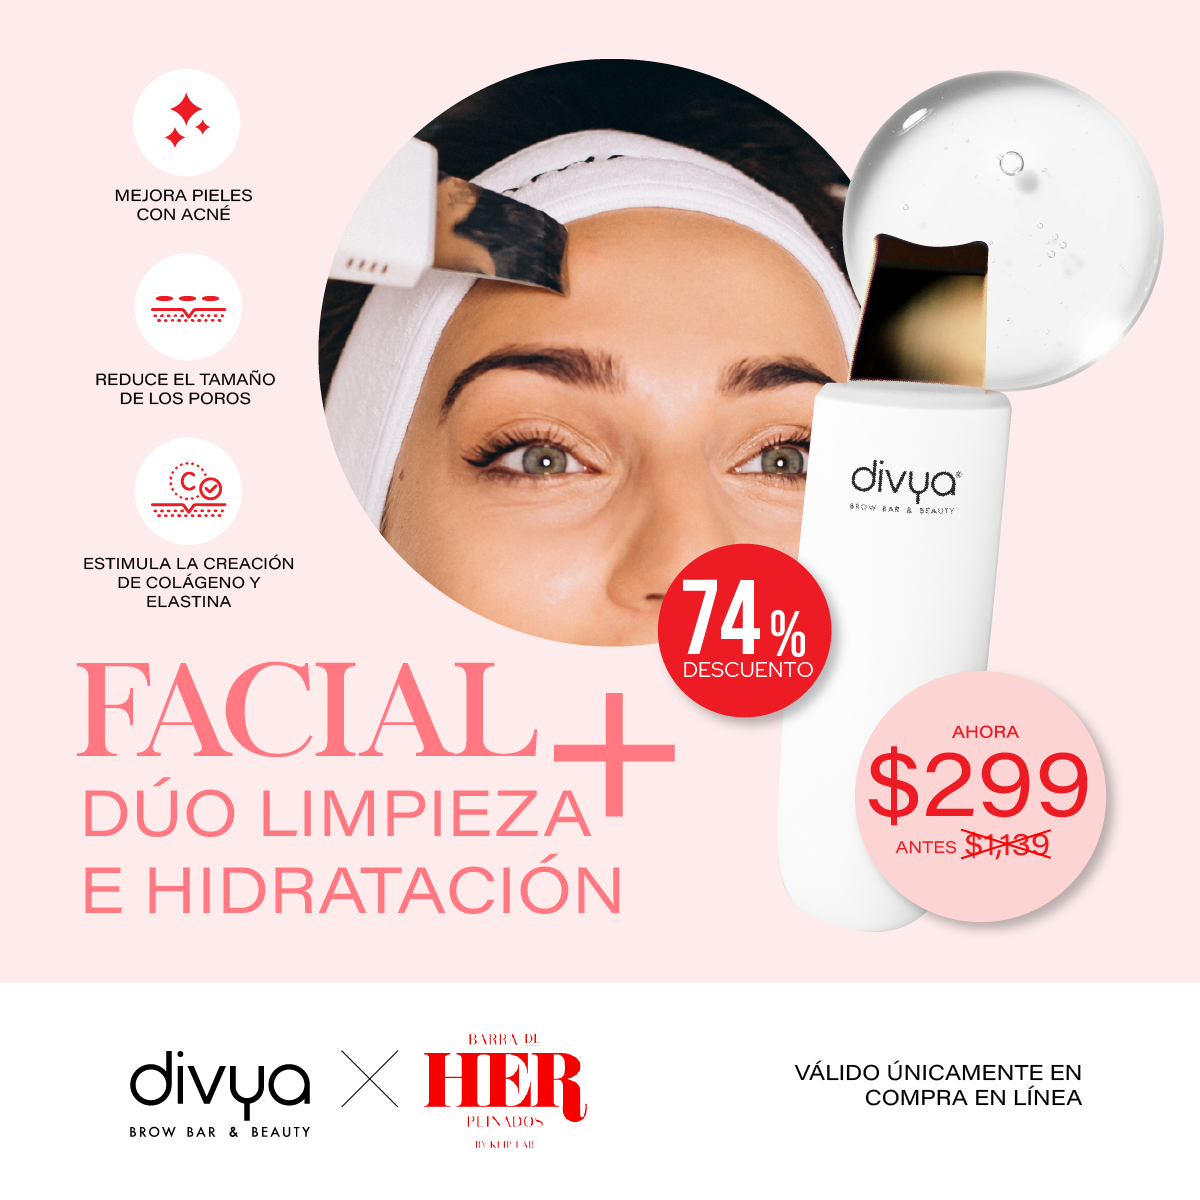 Facial Duo Limpieza + Hidratación- DIVYA X HER&w=900&h=900&fit=crop